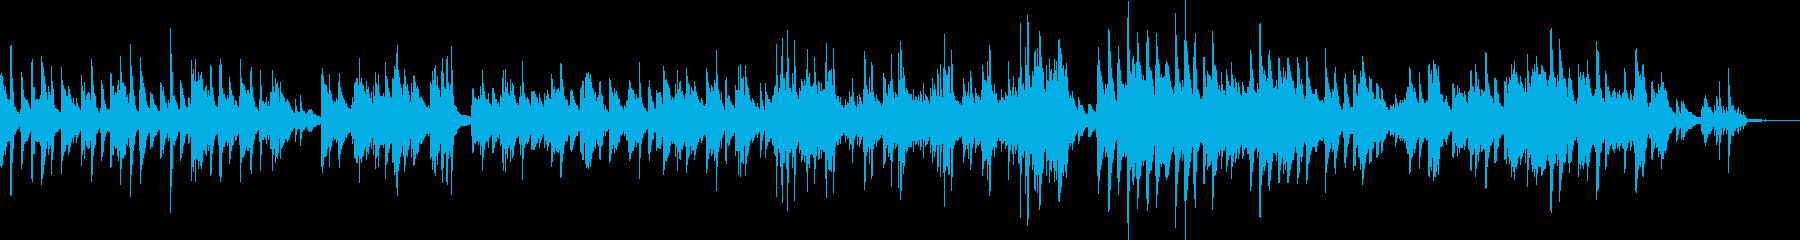 切なく美しいピアノ曲(悲しい・儚い)の再生済みの波形